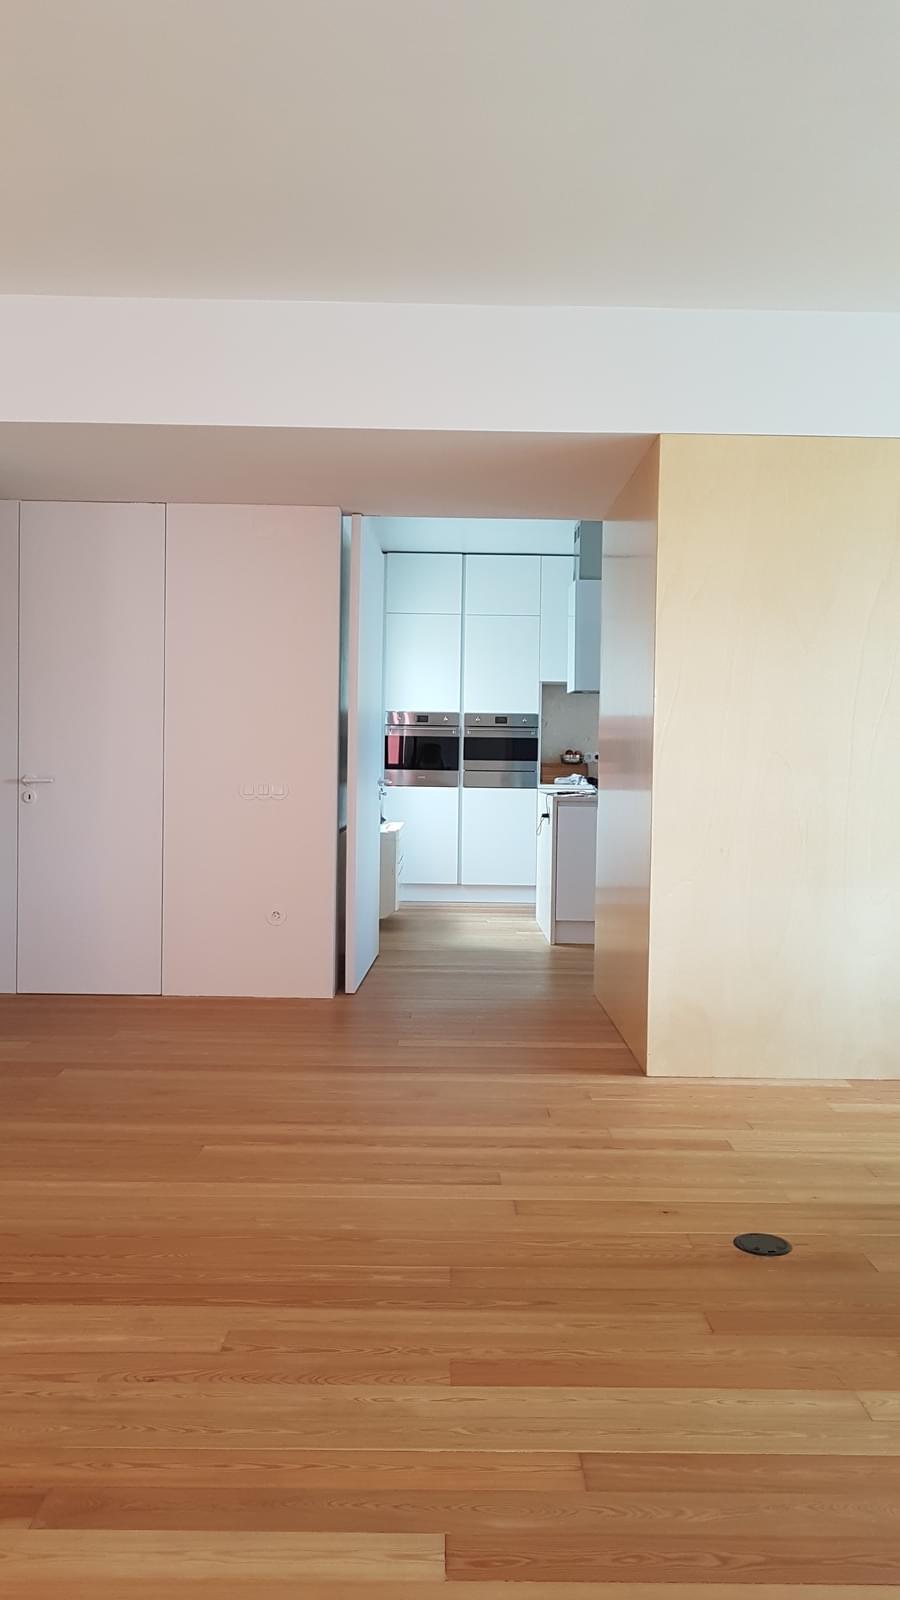 pf11872-apartamento-t4-lisboa-ba02ba7e-b366-42aa-9d37-586e7adc5fe5